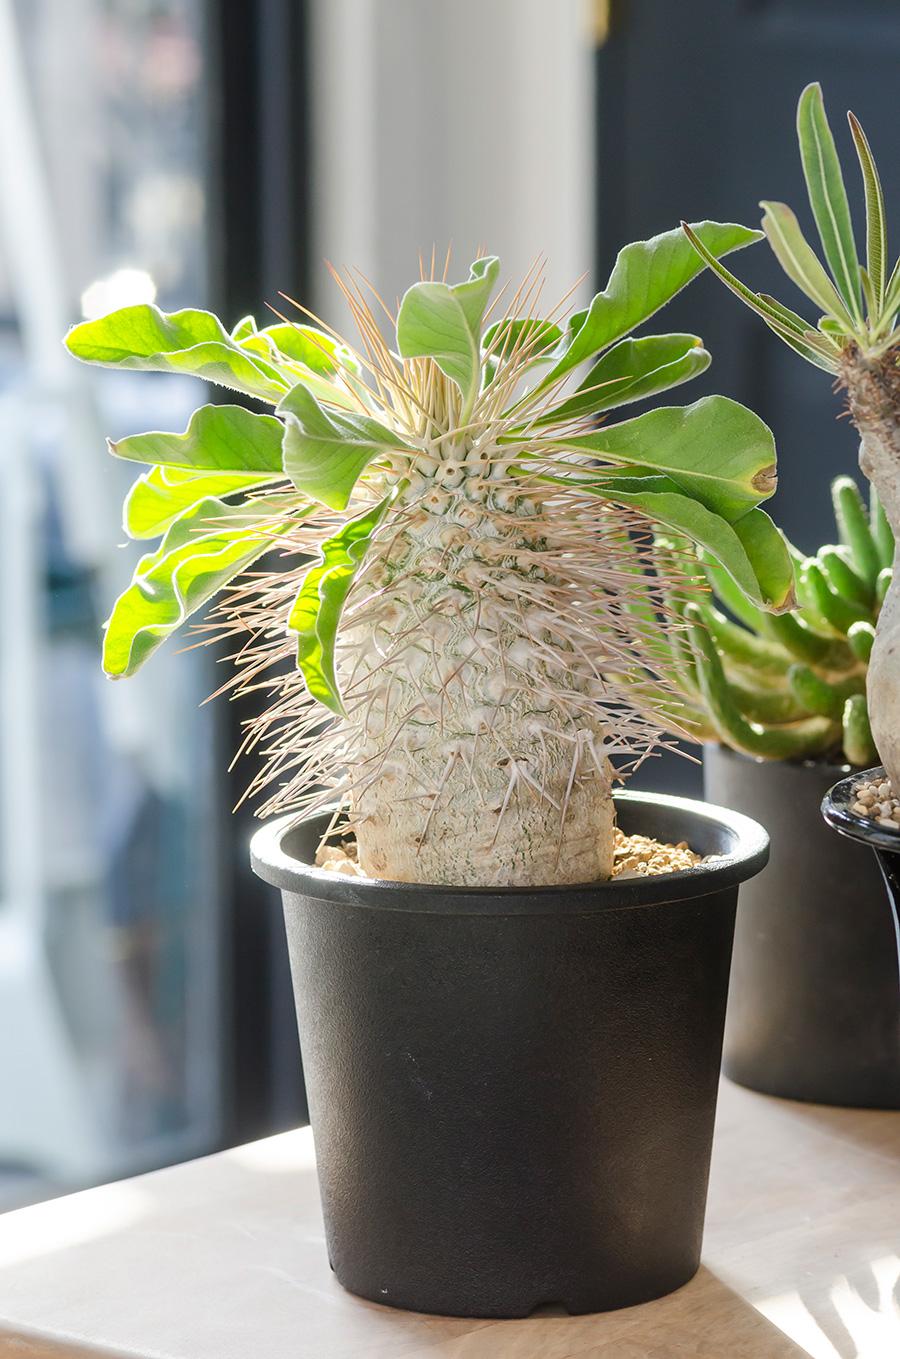 パイナップルのような見た目の「パキポディウム・ナマクアナム」。円柱状の主幹と細長いトゲのコントラストが魅力。